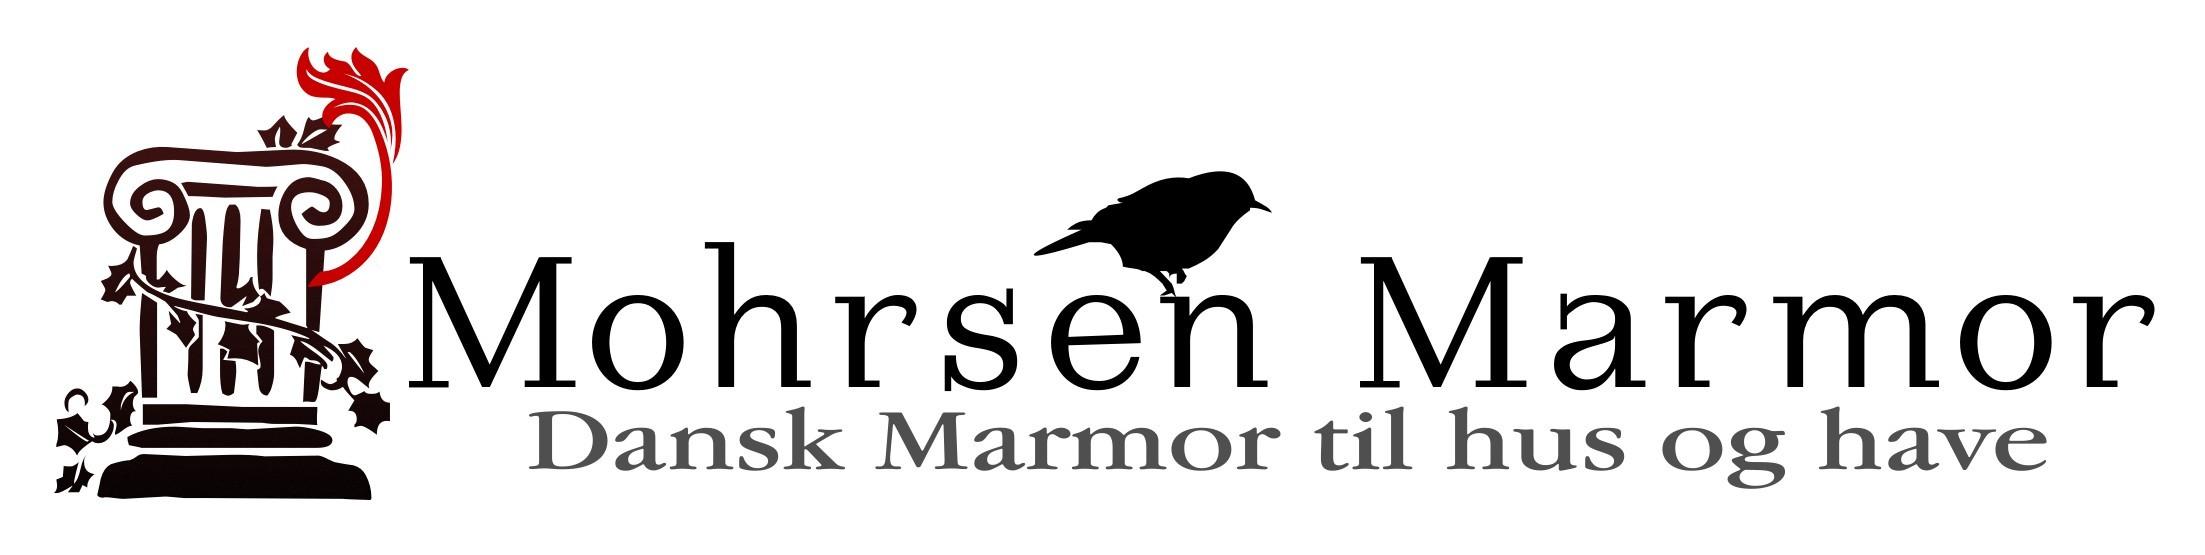 mohrsen-logo-1456779464.jpg